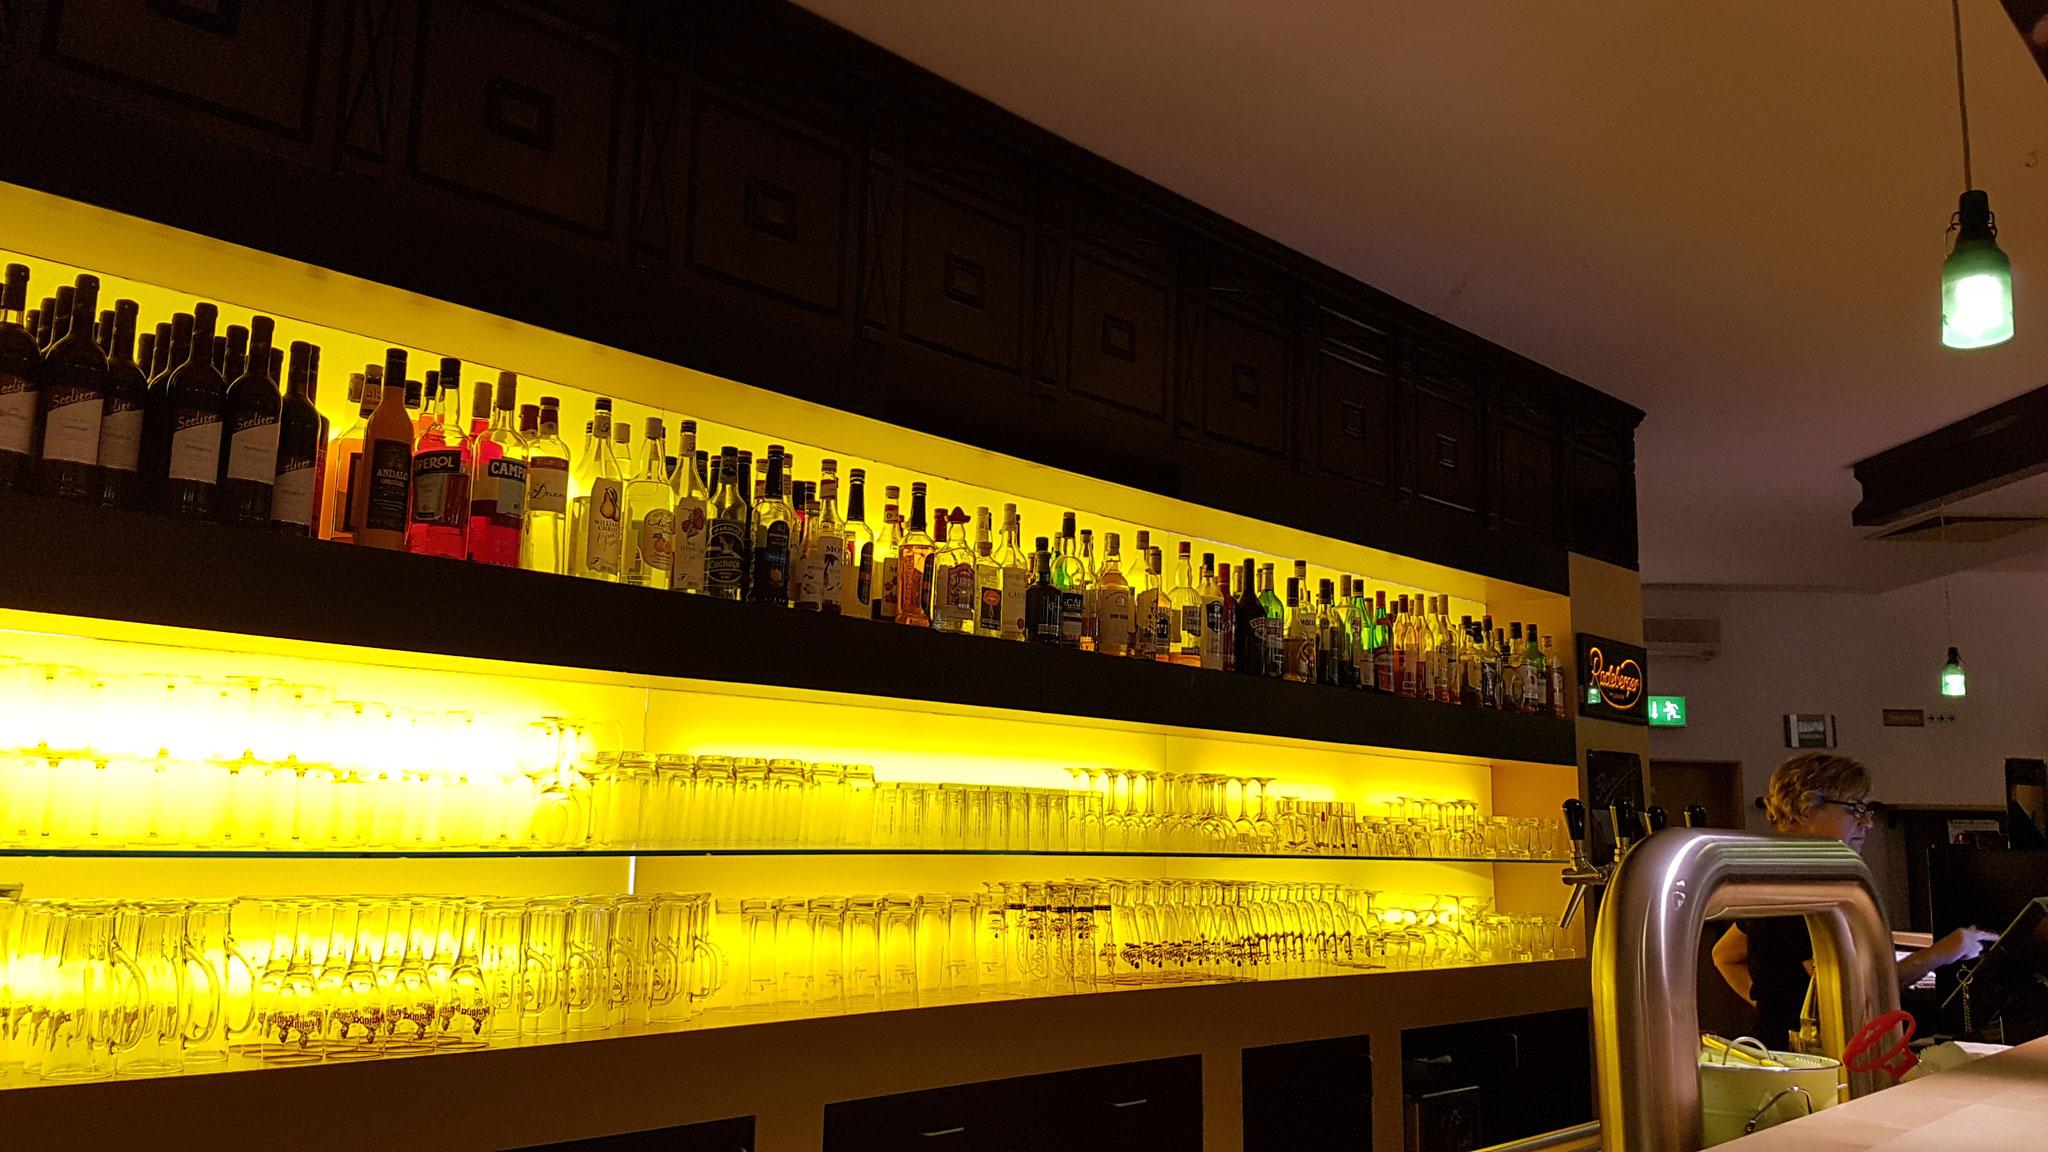 Die indirekt beleuchtete Bar.